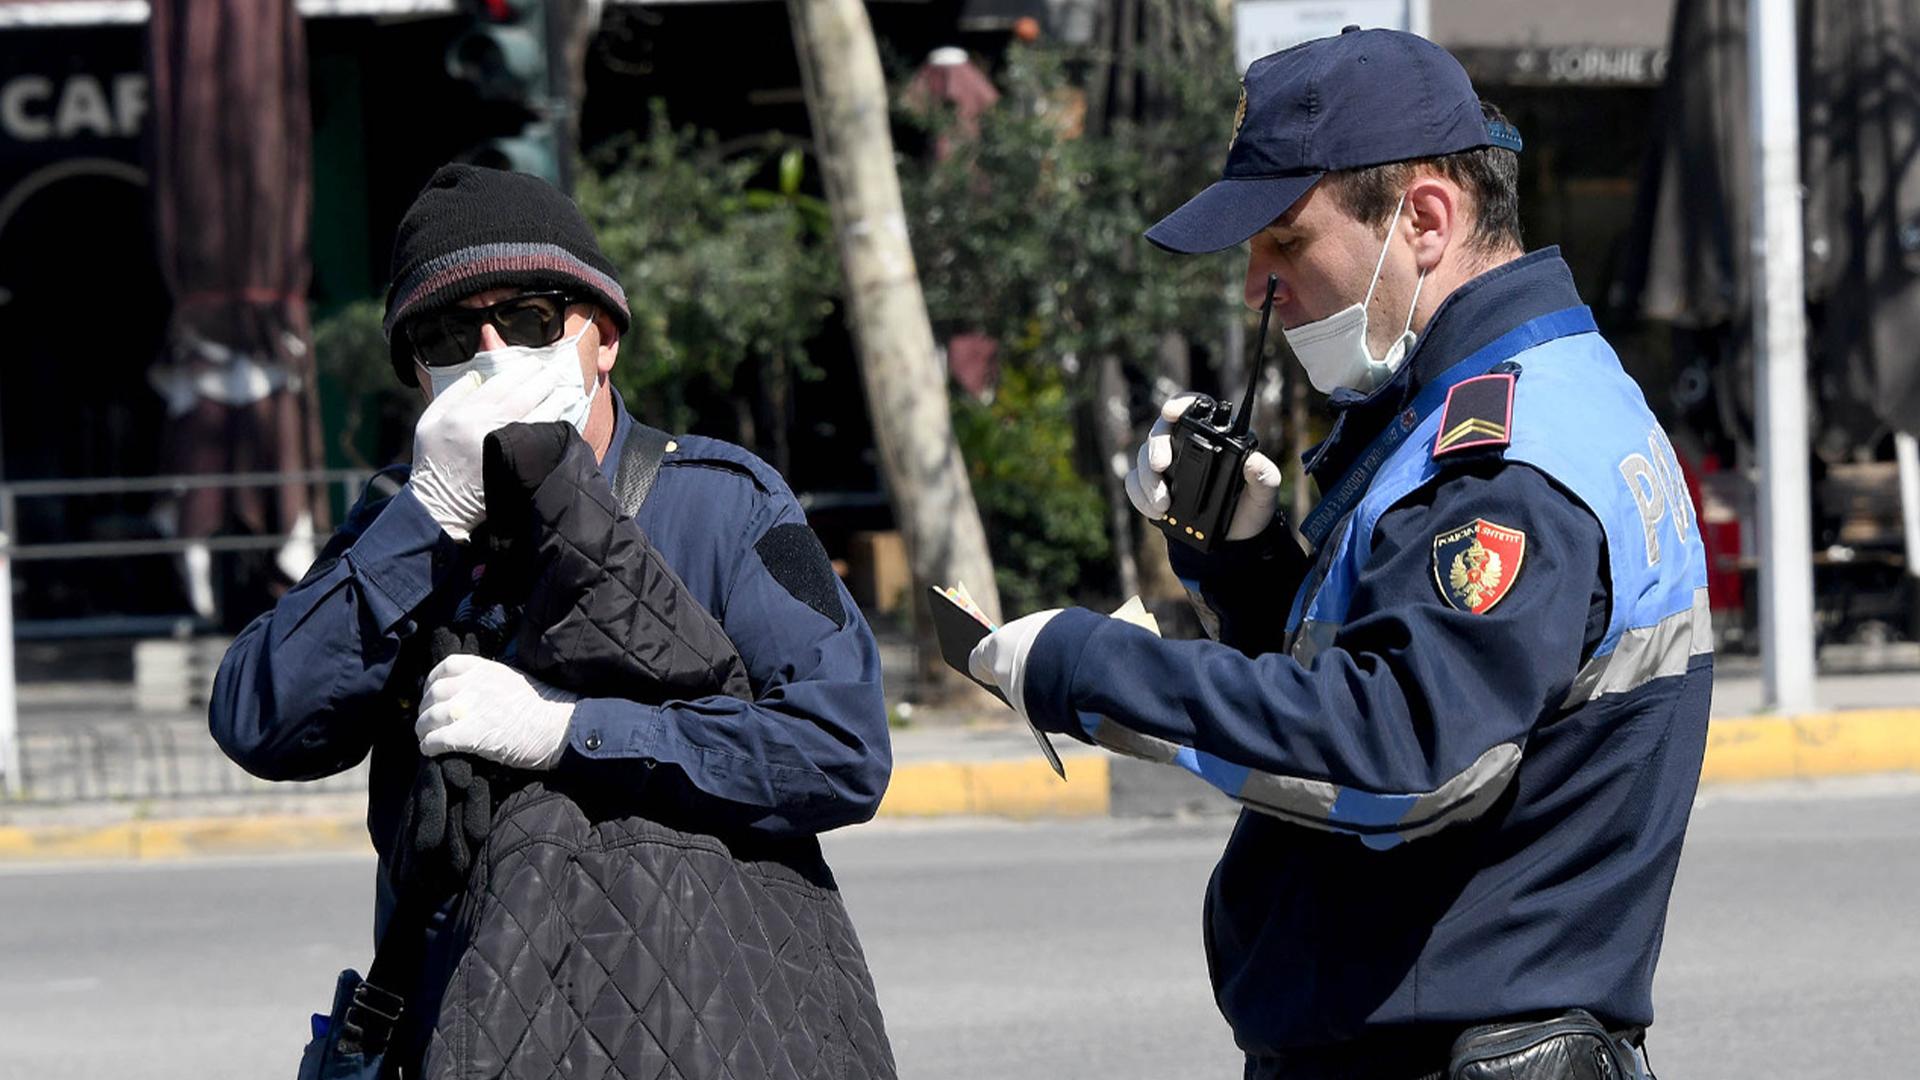 Policia, rreth 30 mijë euro gjoba në një ditë